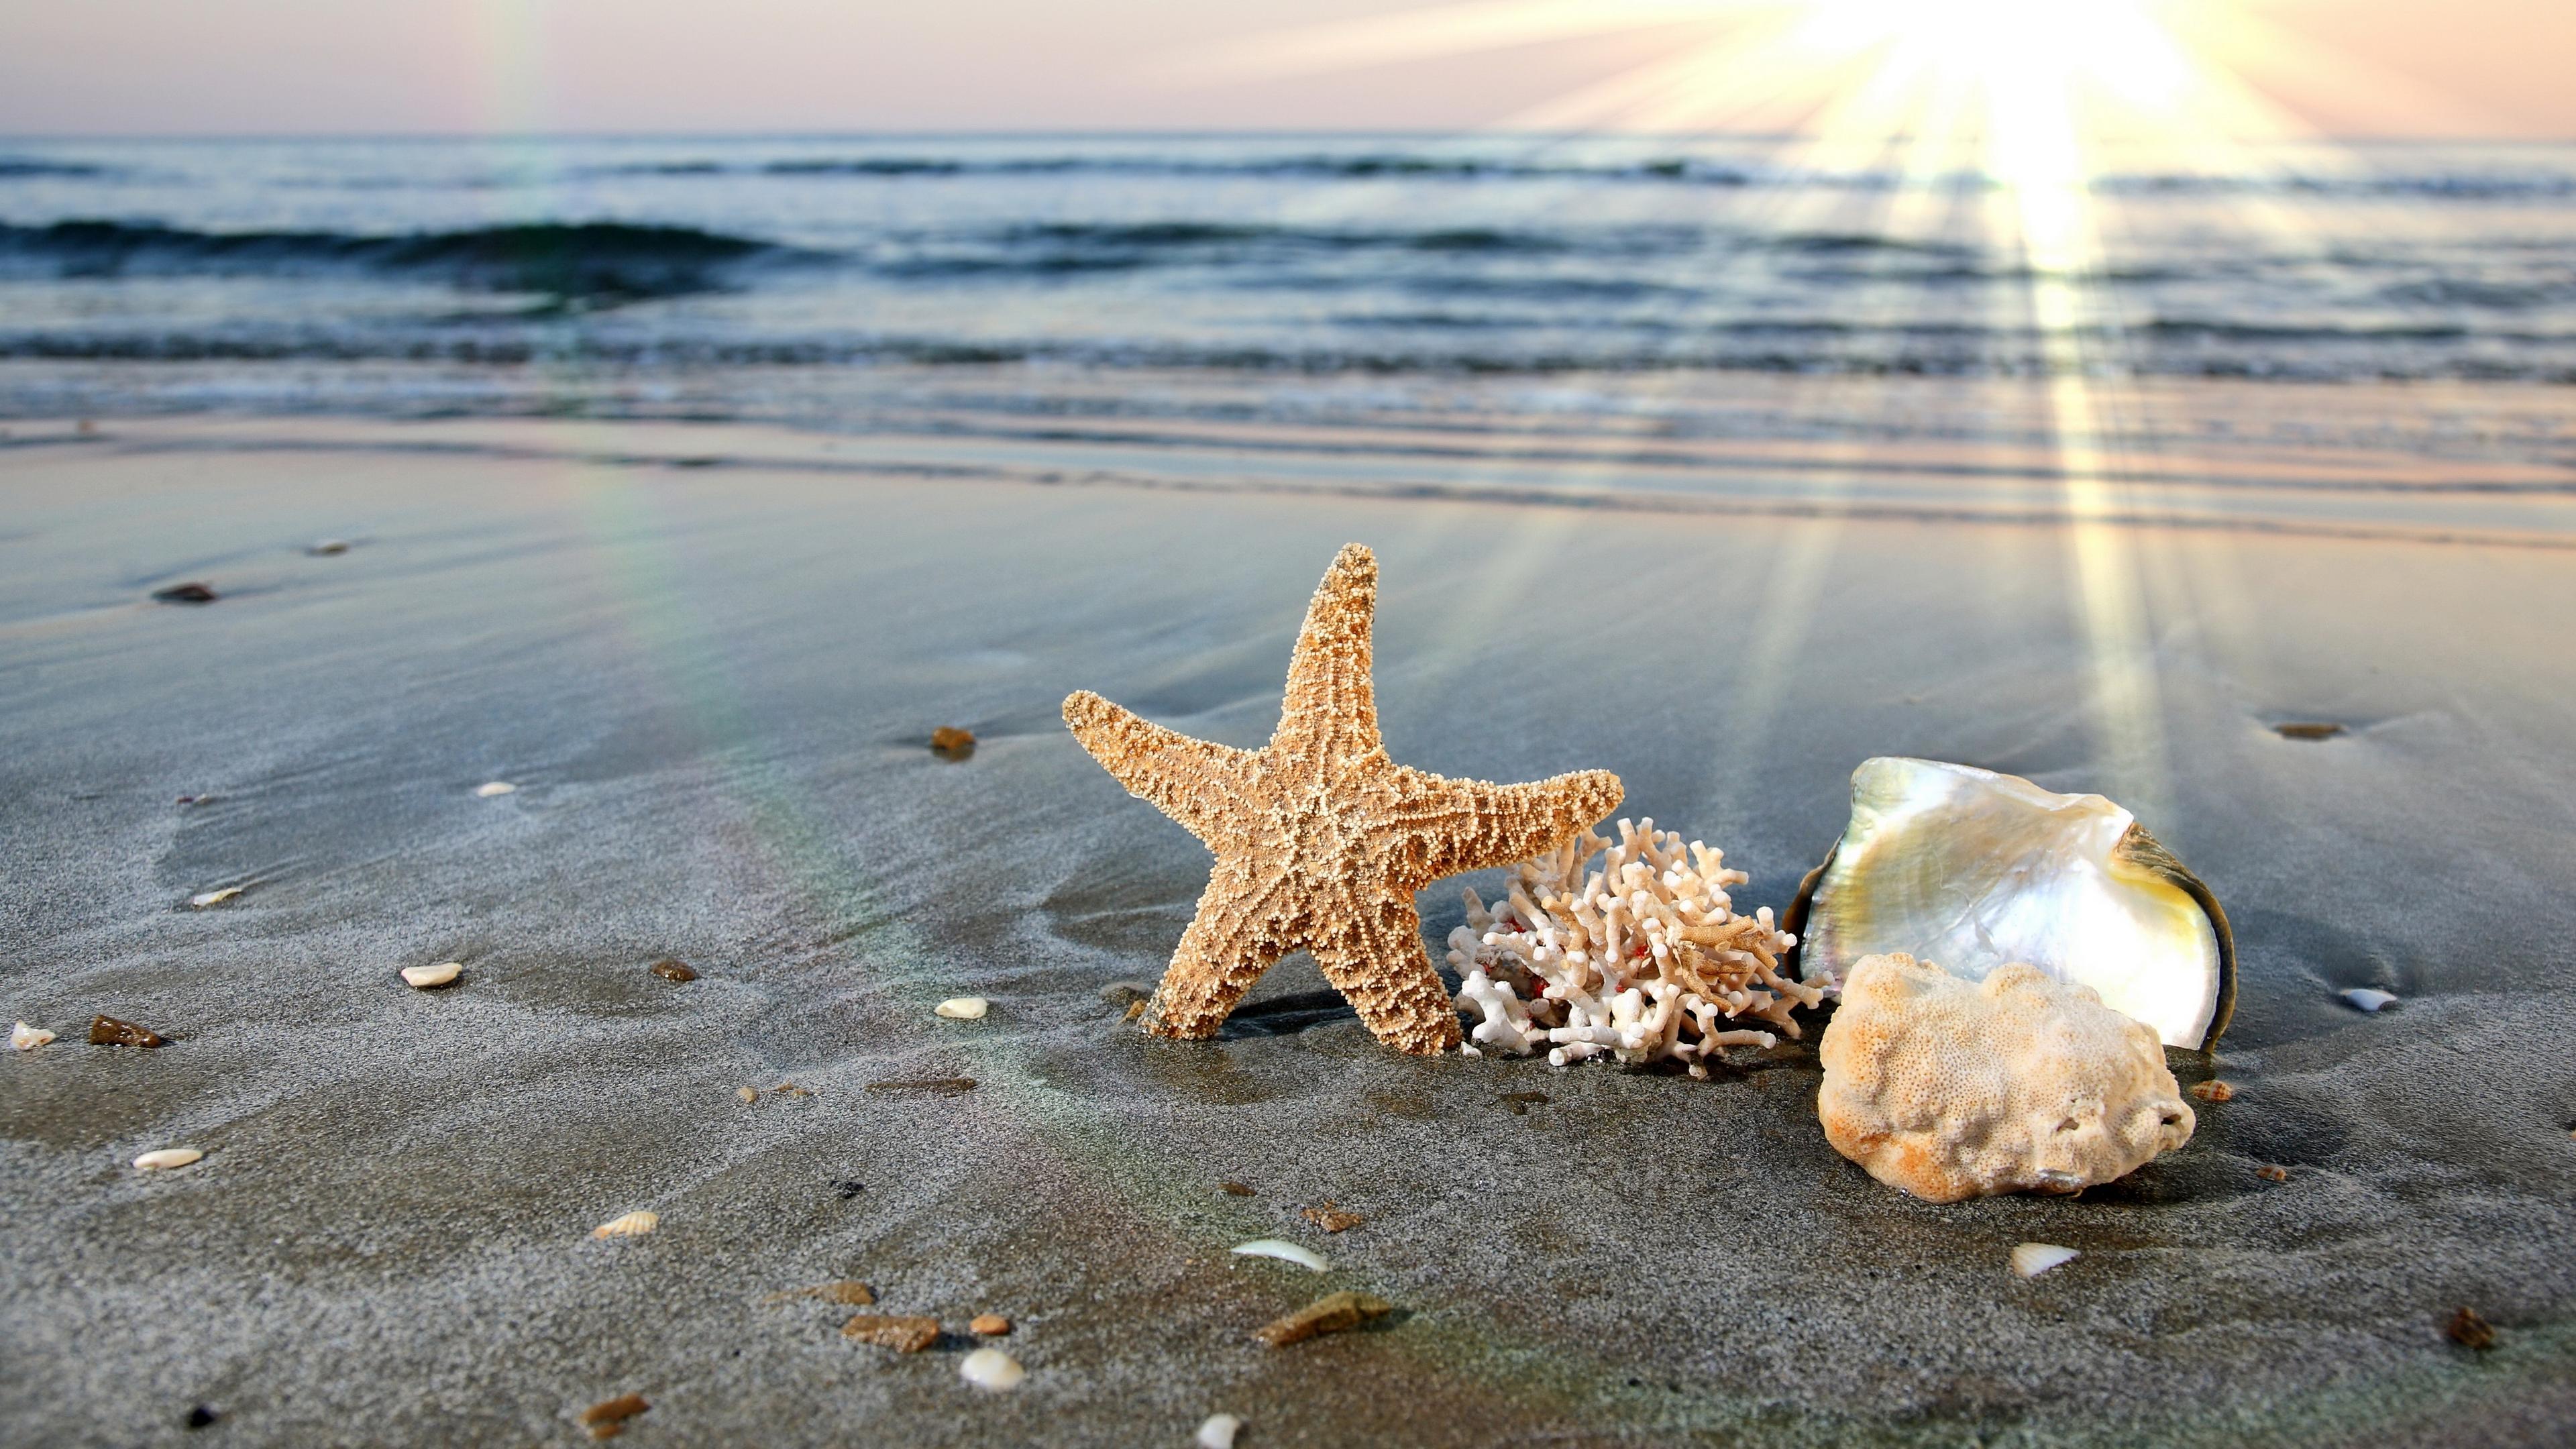 природа горизонт море морская звезда  № 623073 загрузить